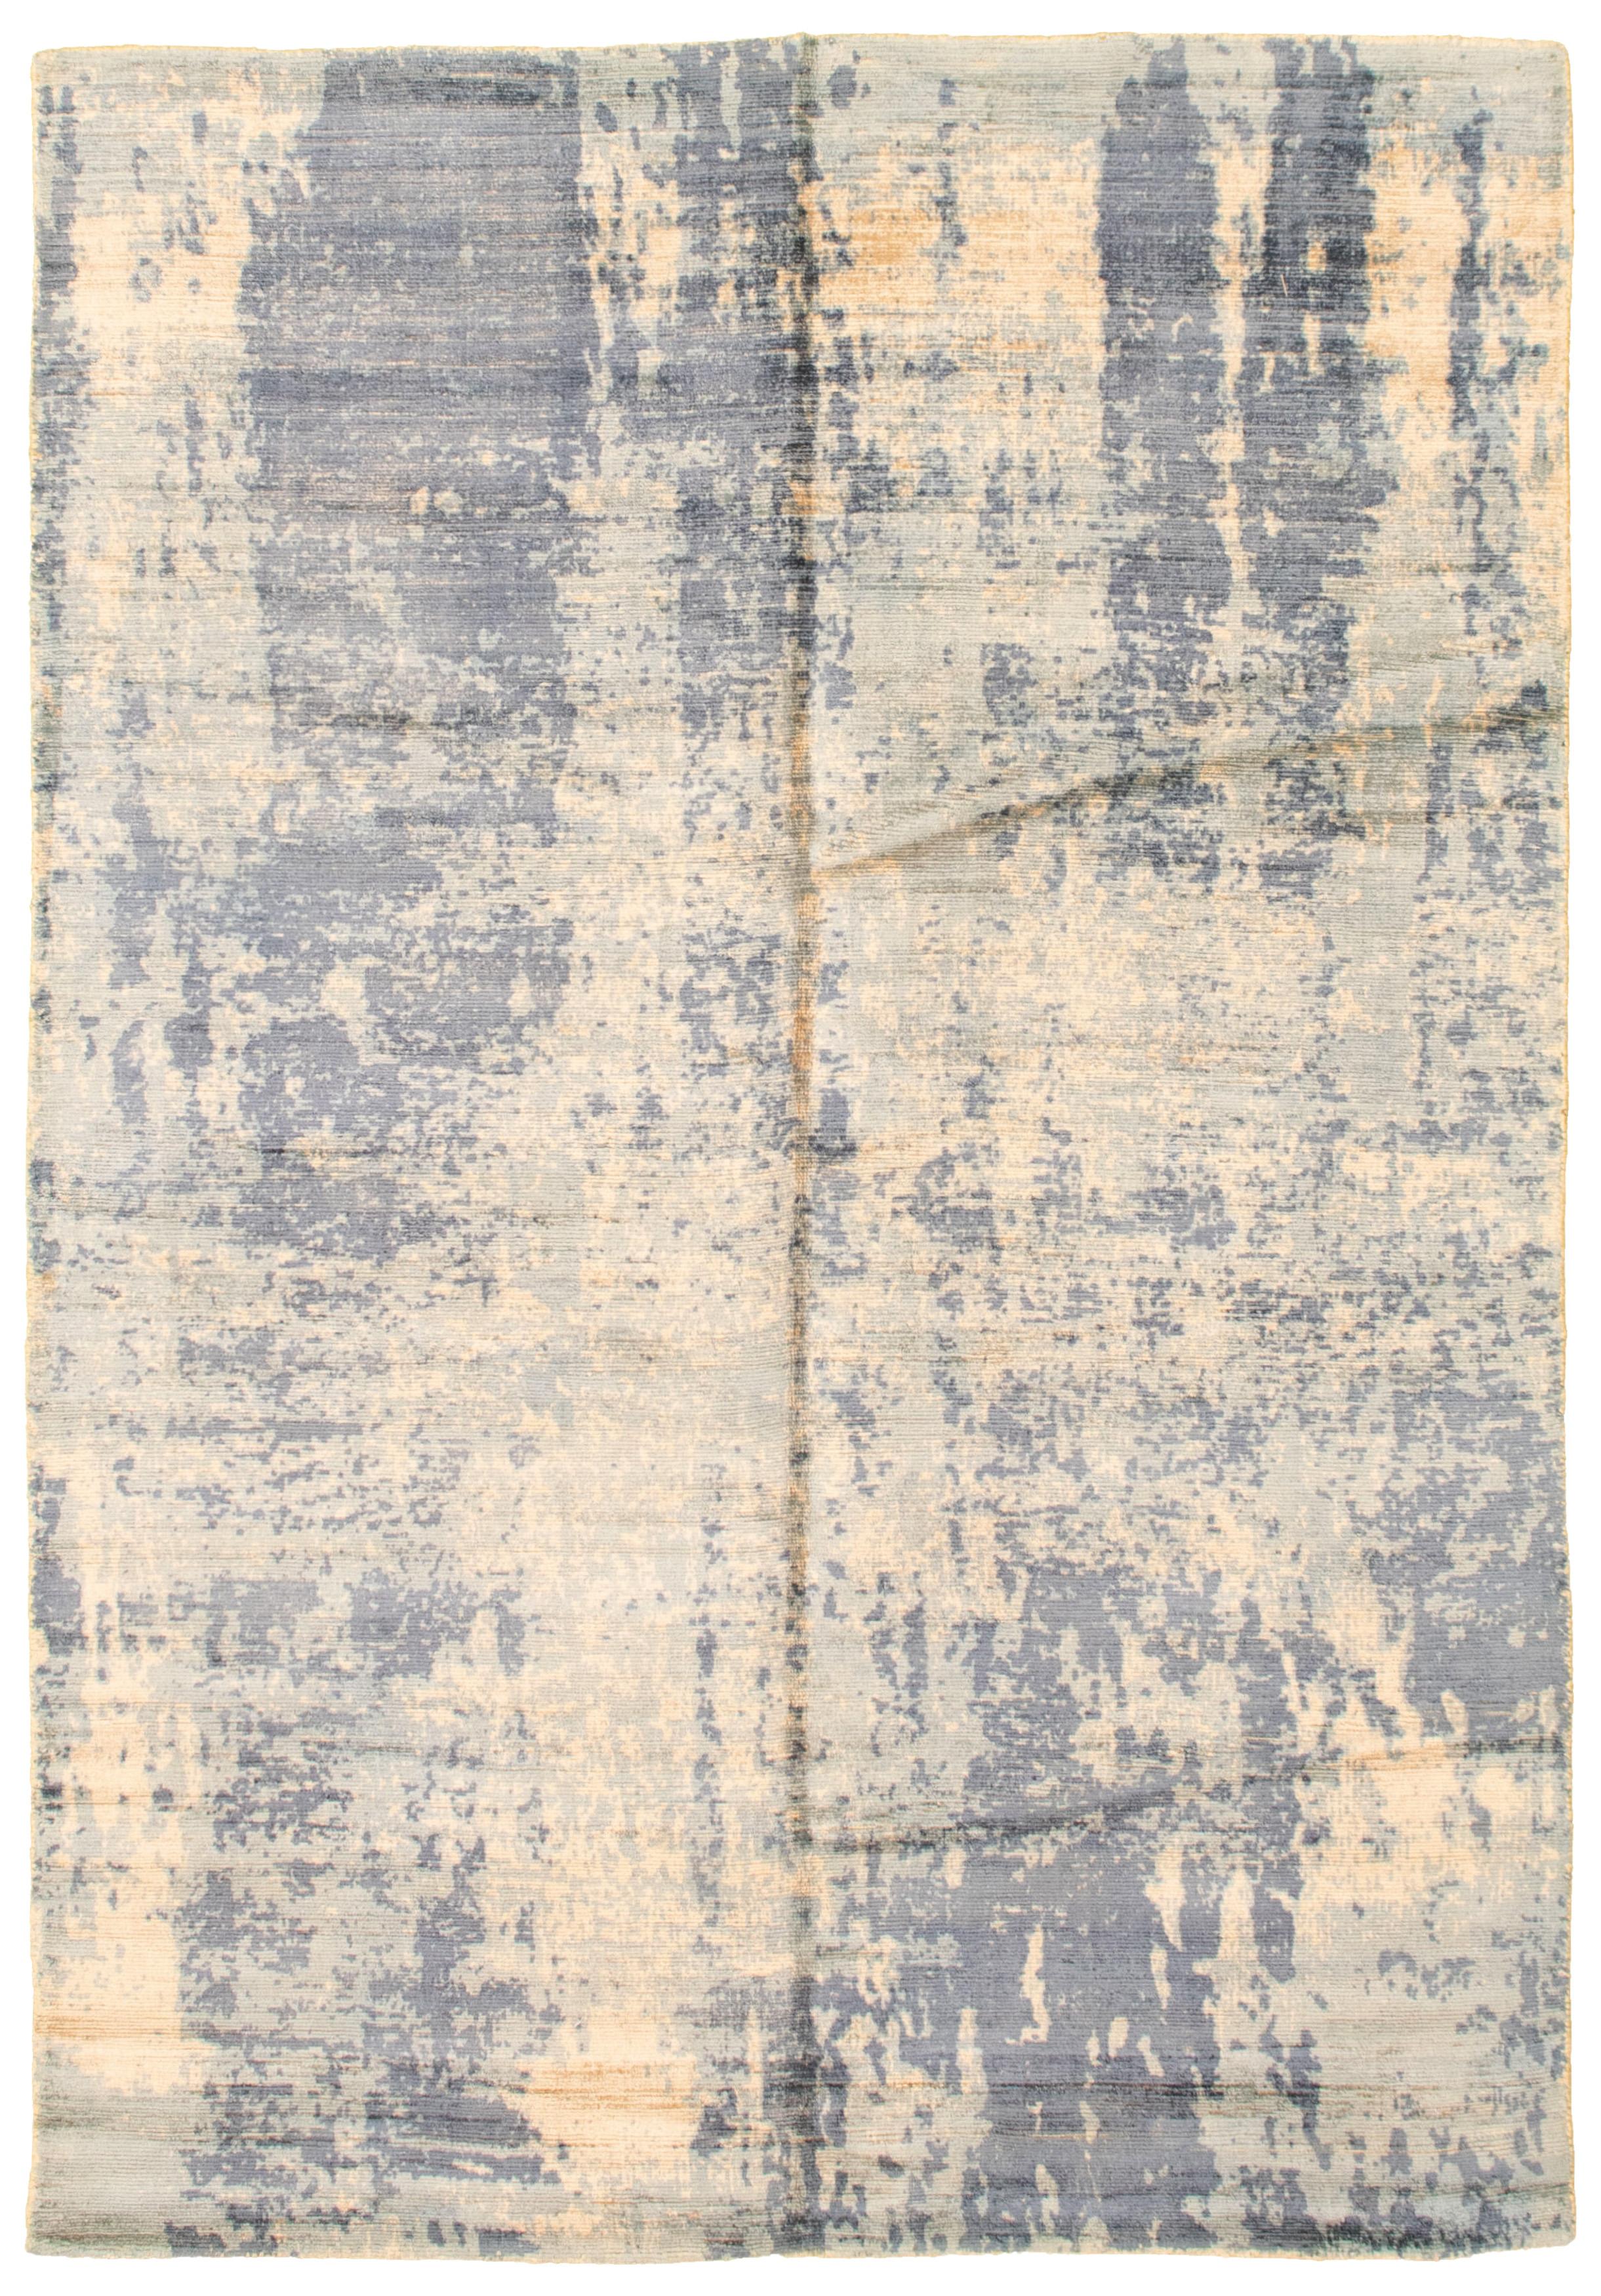 """Hand loomed Galleria Dark Navy, Light Blue  Viscose Rug 4'11"""" x 7'4"""" Size: 4'11"""" x 7'4"""""""